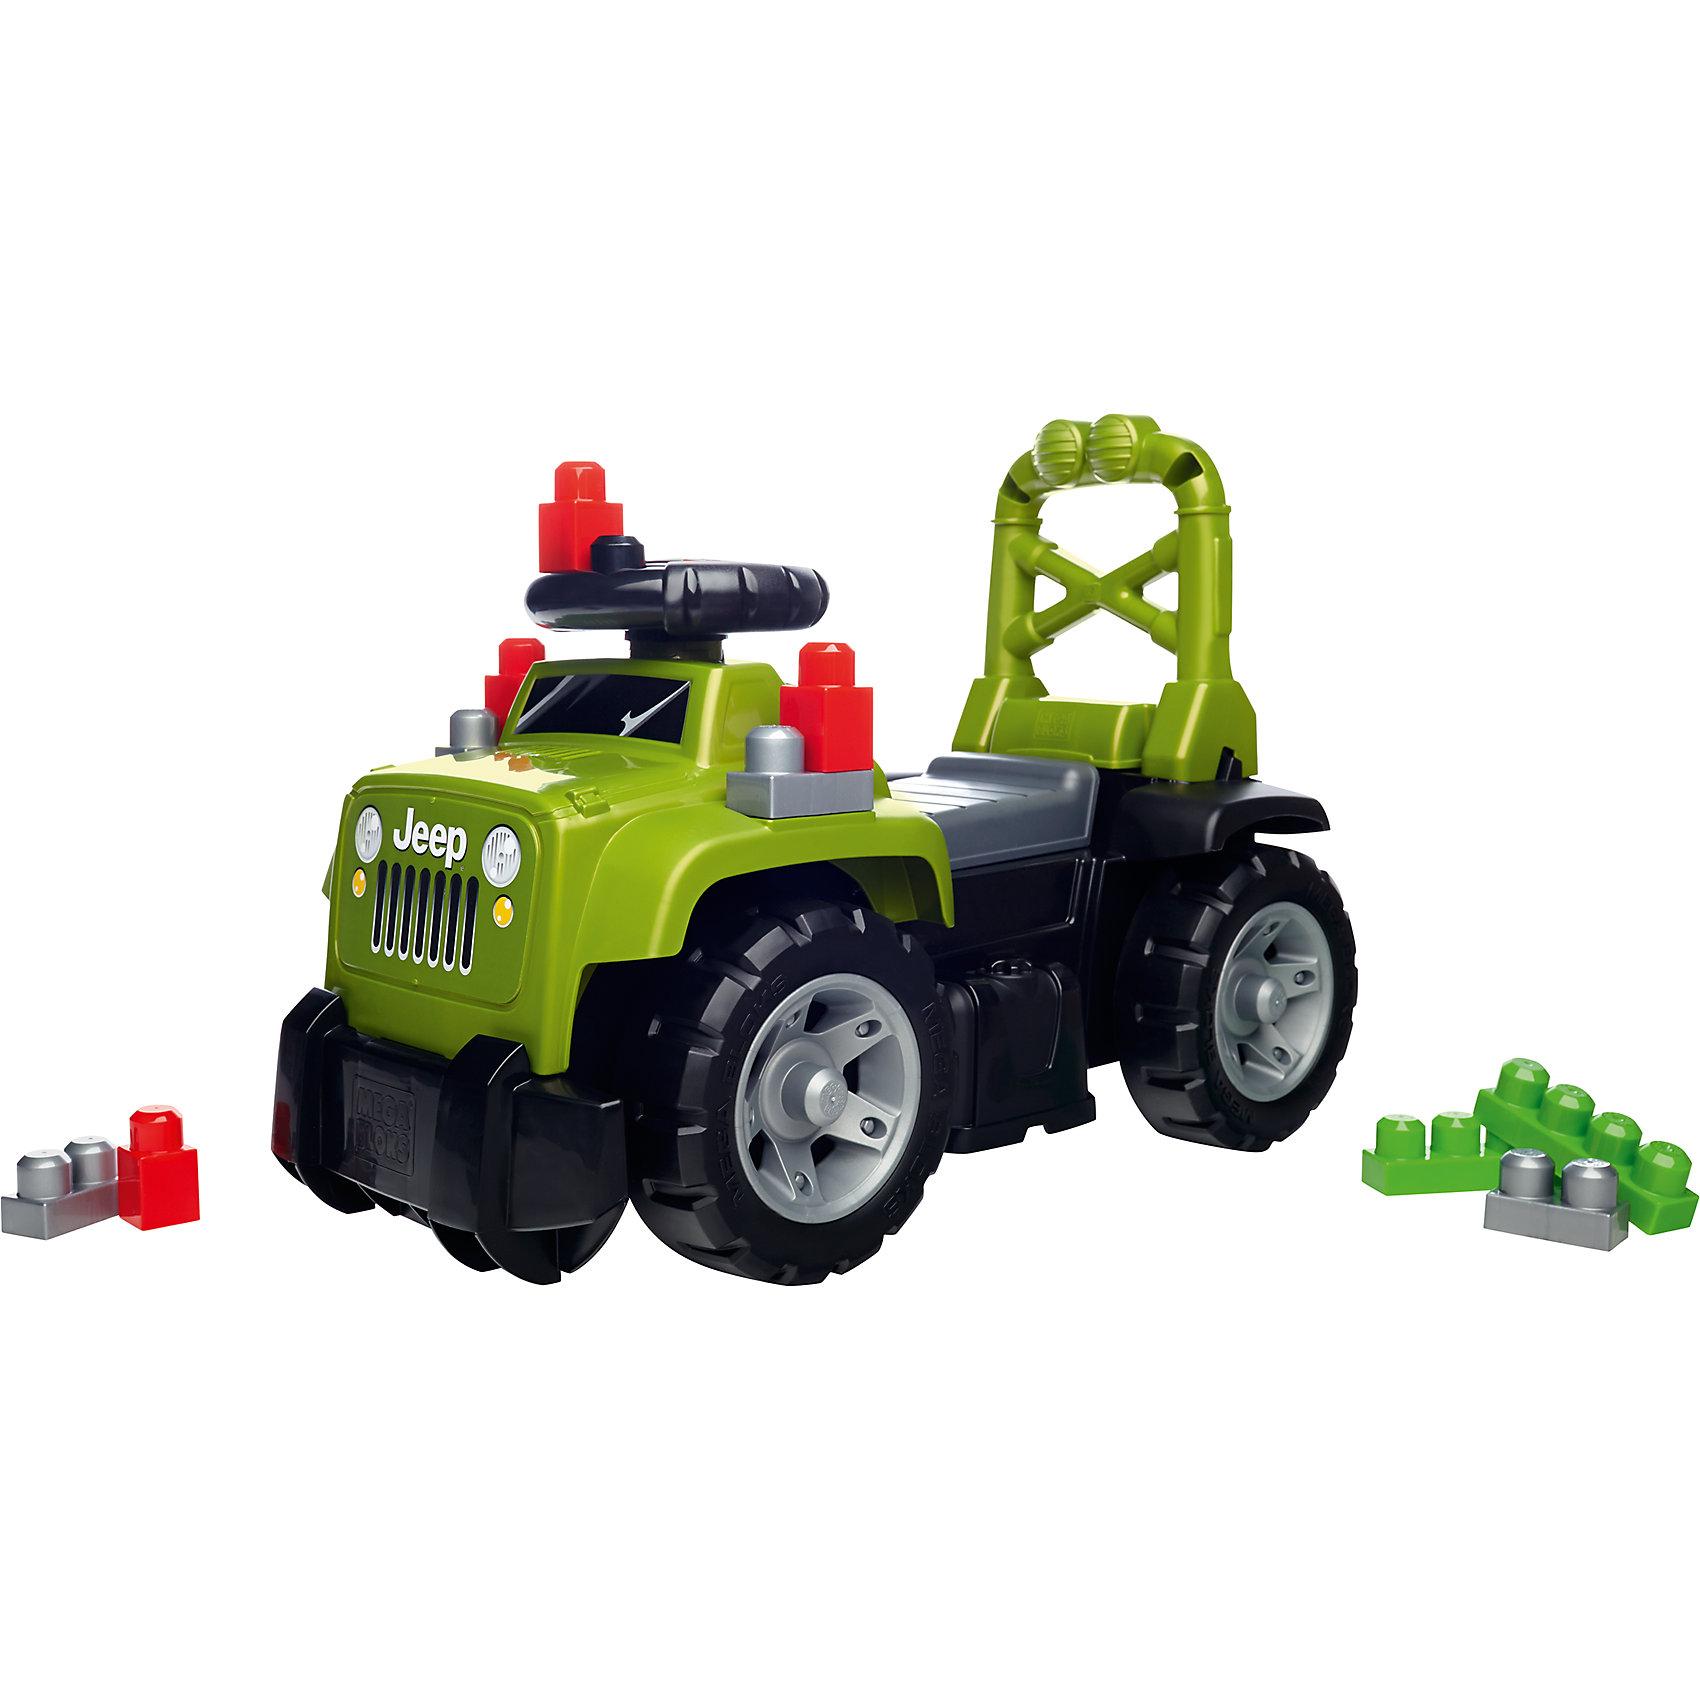 Большой зеленый джип 3-в-1, MEGA BLOKSБольшой зеленый джип обязательно понравится малышам! Машина имеет удобную спинку, за которую малыш сможет держаться, используя игрушку как ходунки. Объемный отсек под сиденьем вмещает 10 тематических блоков First Builders, с которыми очень интересно играть. На руле расположены кнопки, имитирующие звуки настоящей машины, что сделает игру еще увлекательнее. <br><br>Дополнительная информация:<br><br>- Комплектация: машина, 10 блоков. <br>- Материал: пластик.<br>- Высокая ручка-спинка.<br>- Отсек для блоков под сиденьем. <br>- Звуковые эффекты. <br>- Элемент питания: 2 АА батарейки (не входят в комплект).<br><br>Большой зеленый джип 3-в-1, MEGA BLOKS (Мега Блок) можно купить в нашем магазине.<br><br>Ширина мм: 595<br>Глубина мм: 305<br>Высота мм: 345<br>Вес г: 0<br>Возраст от месяцев: 36<br>Возраст до месяцев: 84<br>Пол: Мужской<br>Возраст: Детский<br>SKU: 4500816